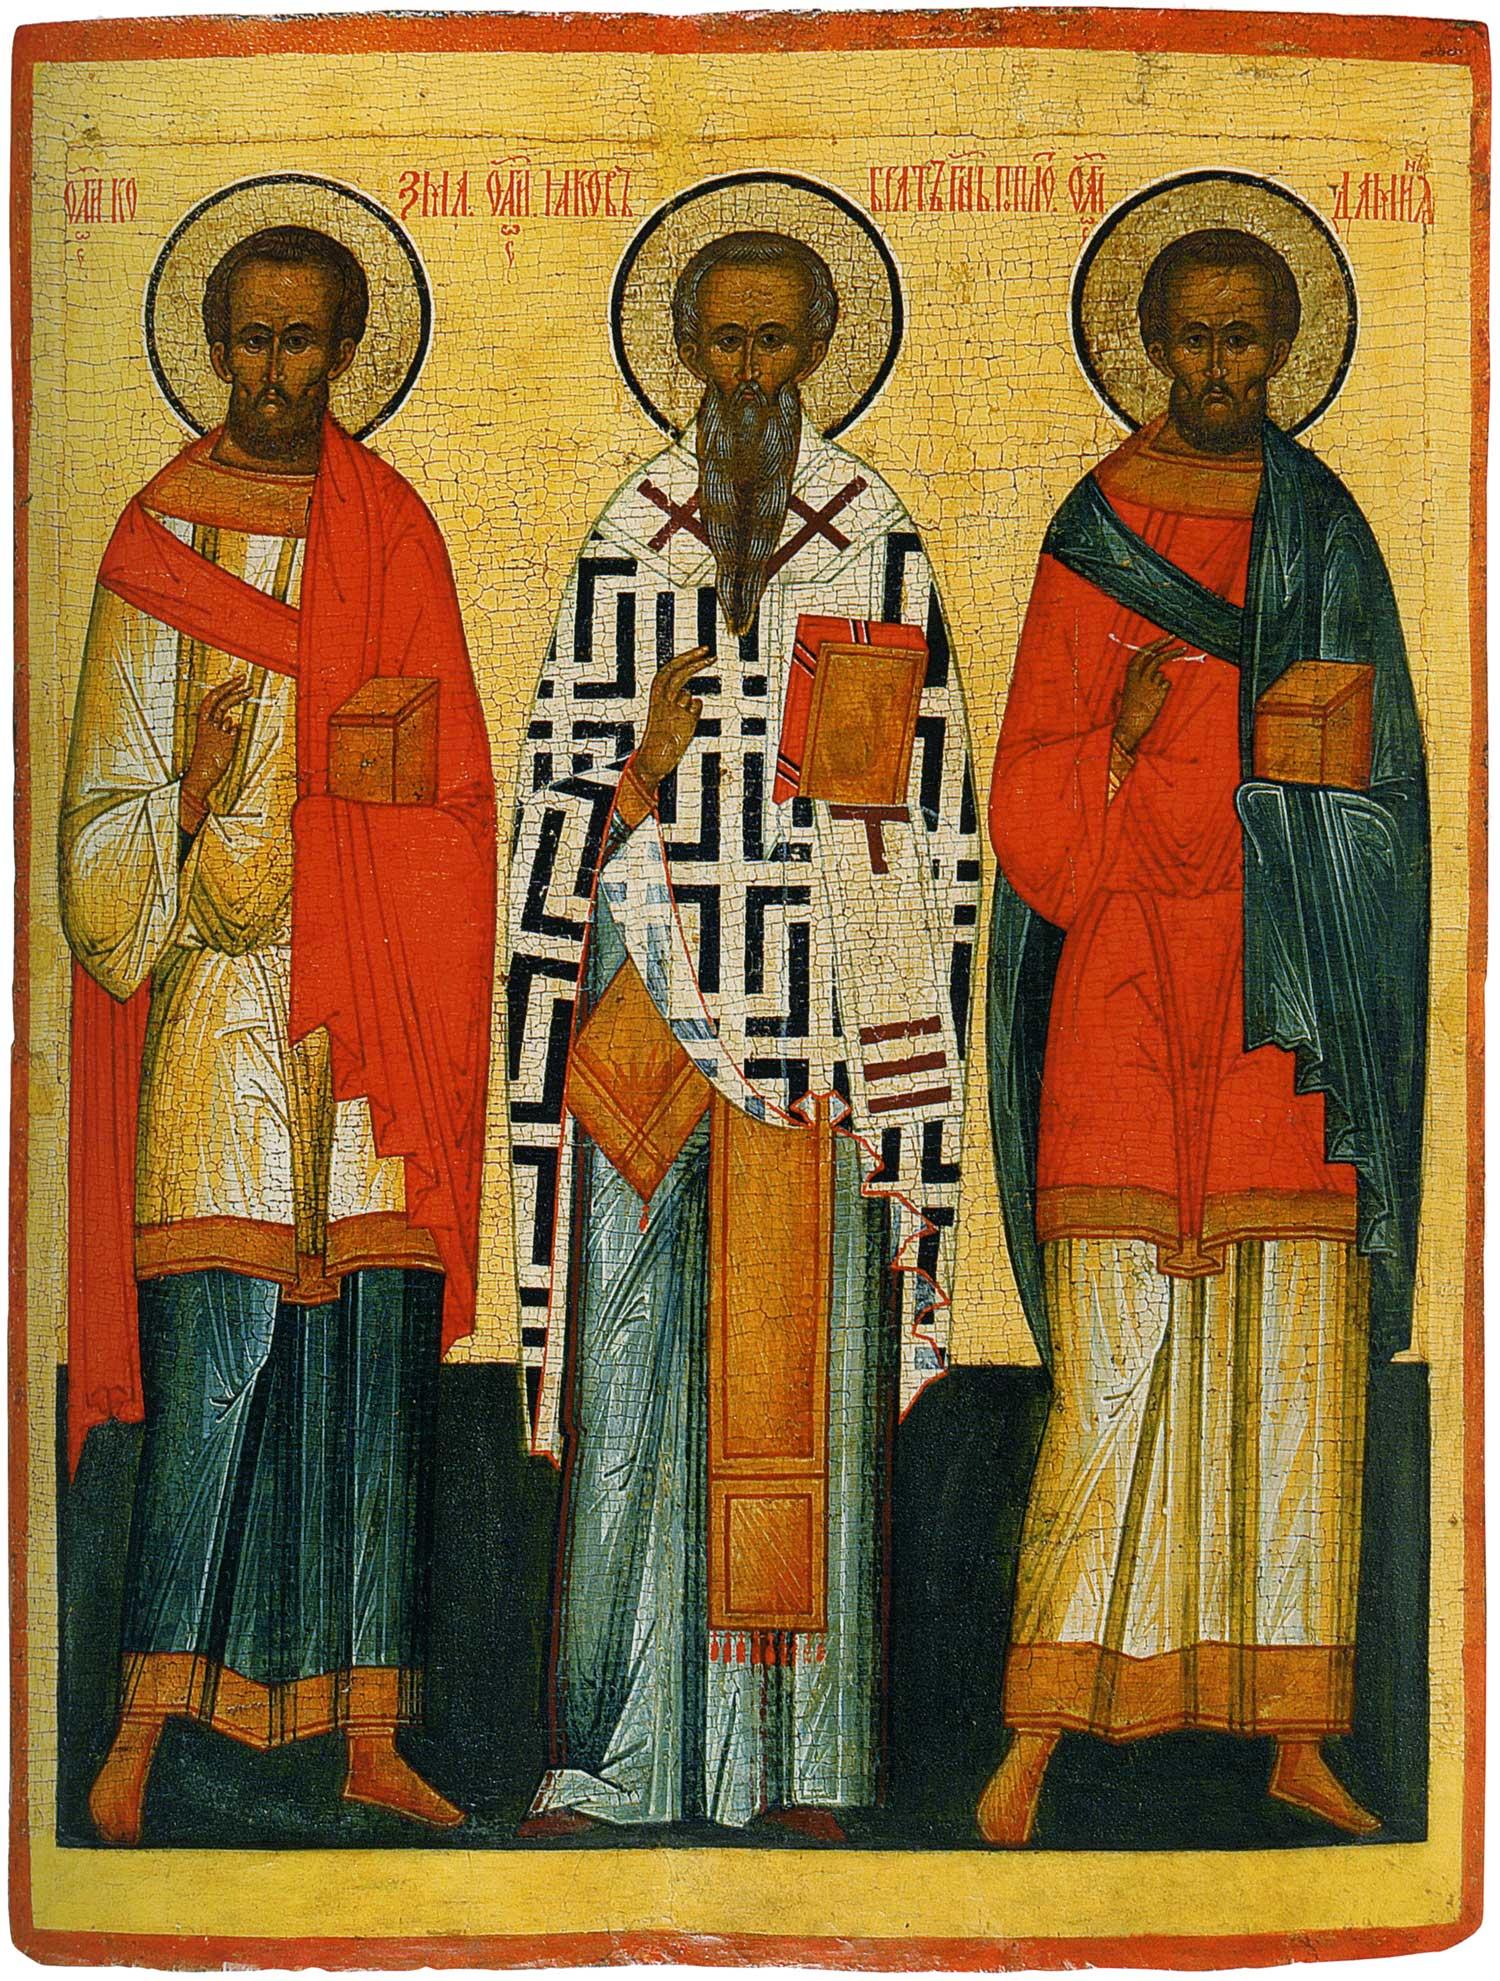 Erwählte Heilige: Jakob der Gottesbruder, Cosmas und Damianos